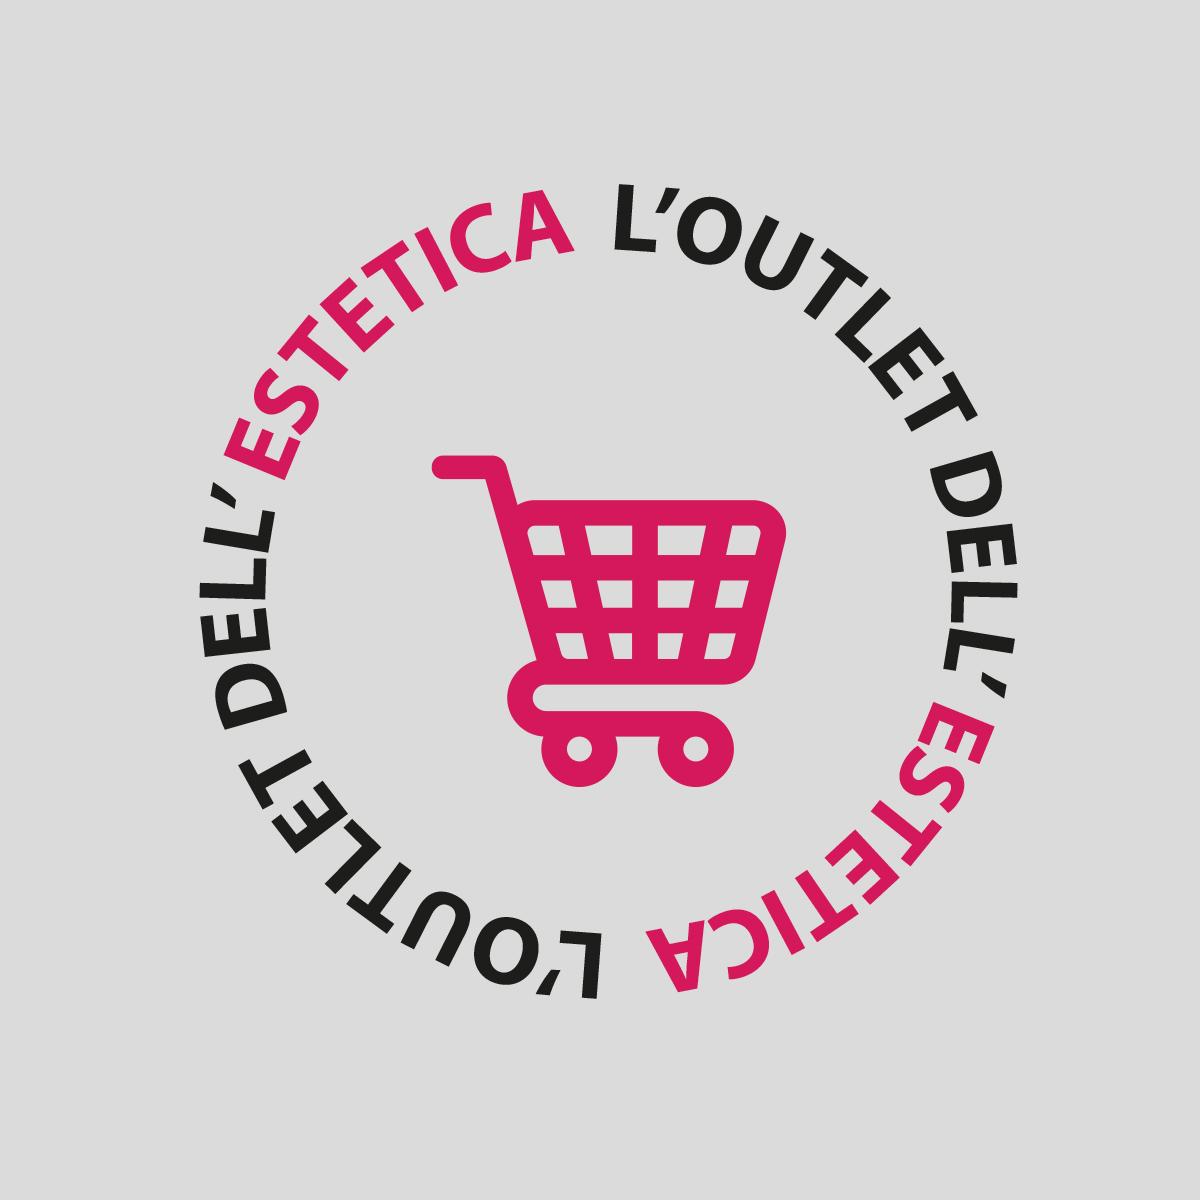 Cerchi un Outlet per vendere/comprare/scambiare prodotti e attrezzature del/per il tuo centro estetico? C'è ed è gratuito!